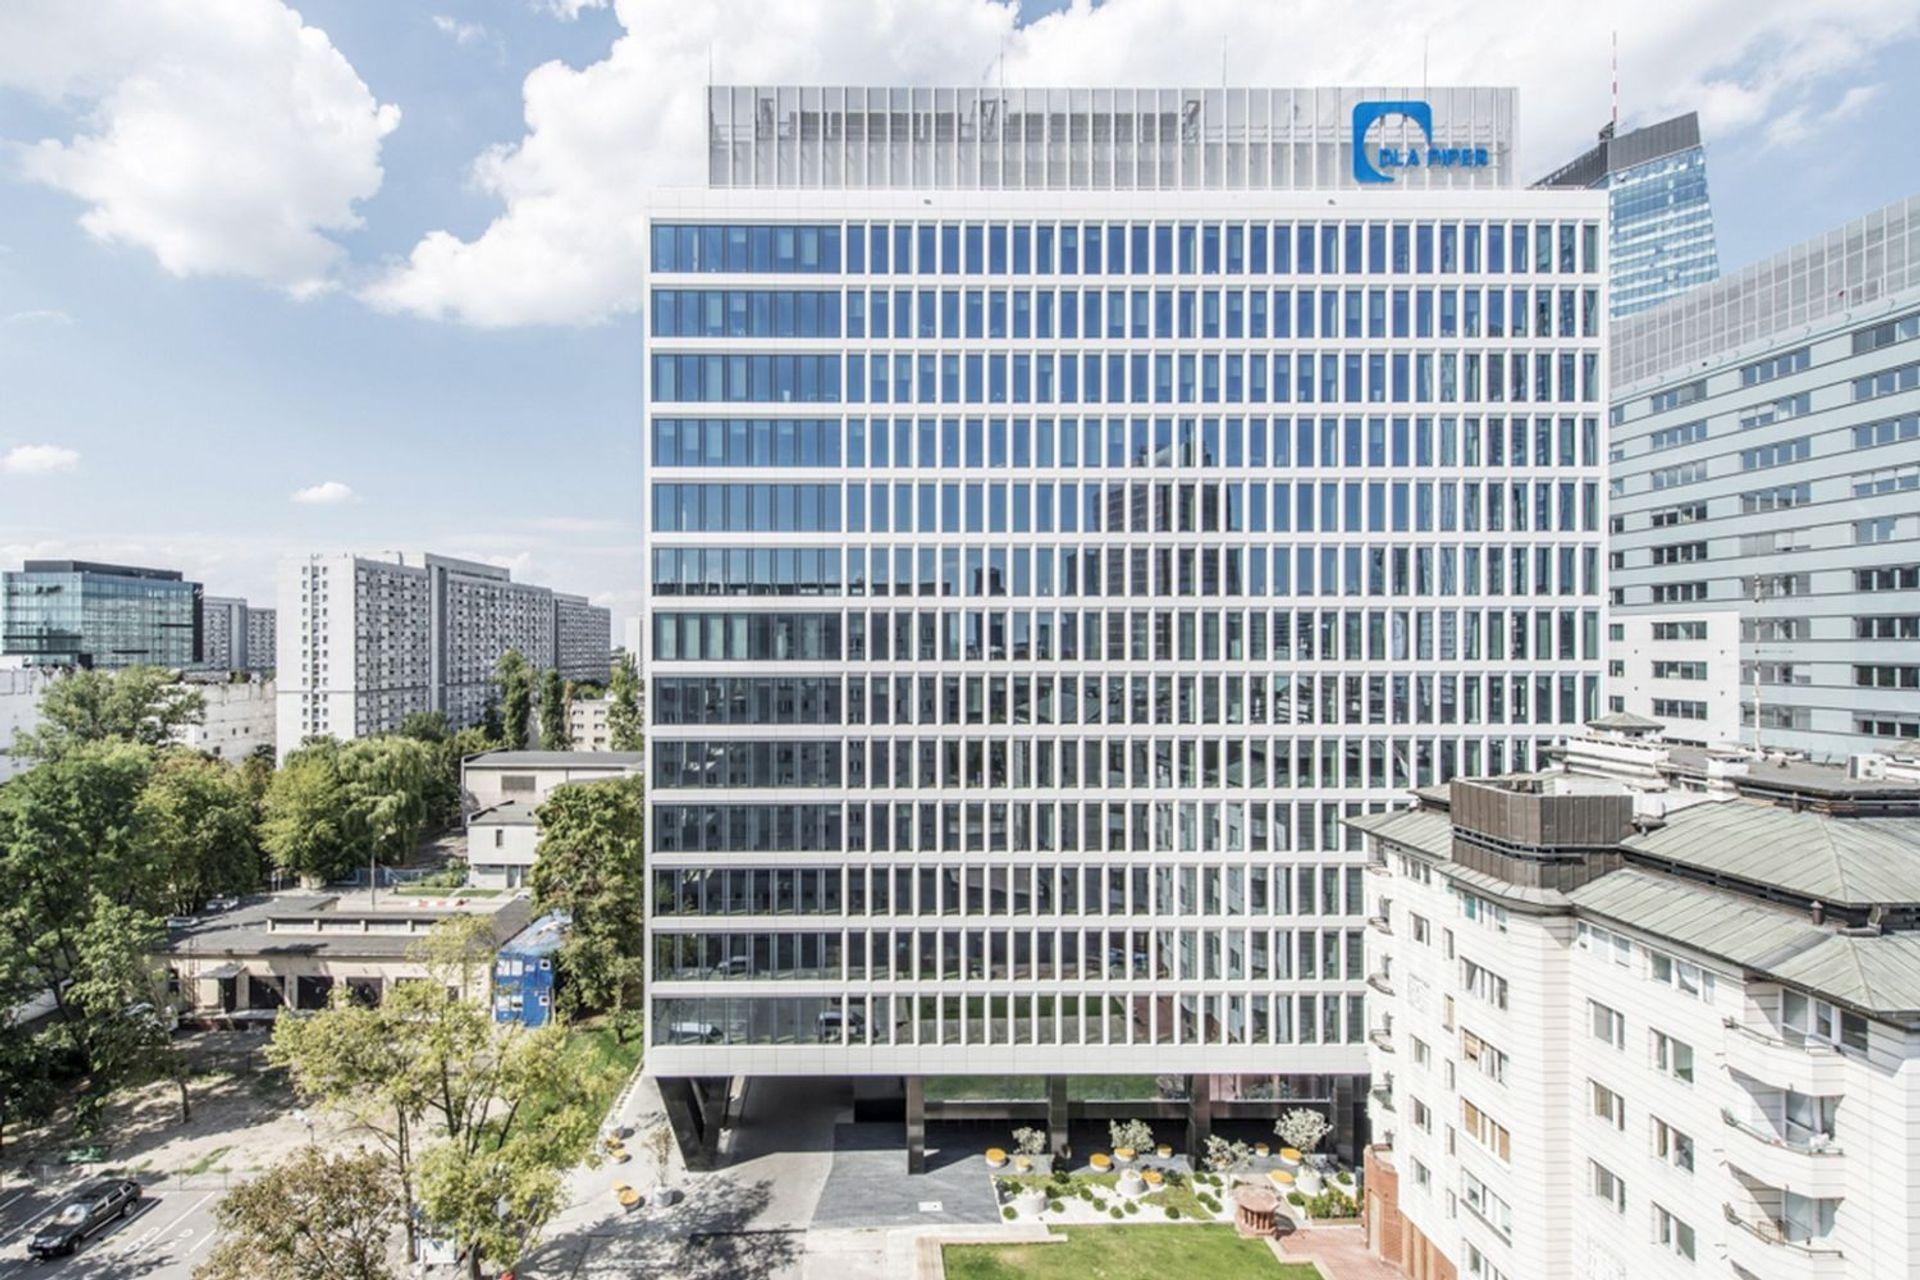 [Warszawa] Nowy biurowiec na Woli otwarty. Tuż obok powstał mural